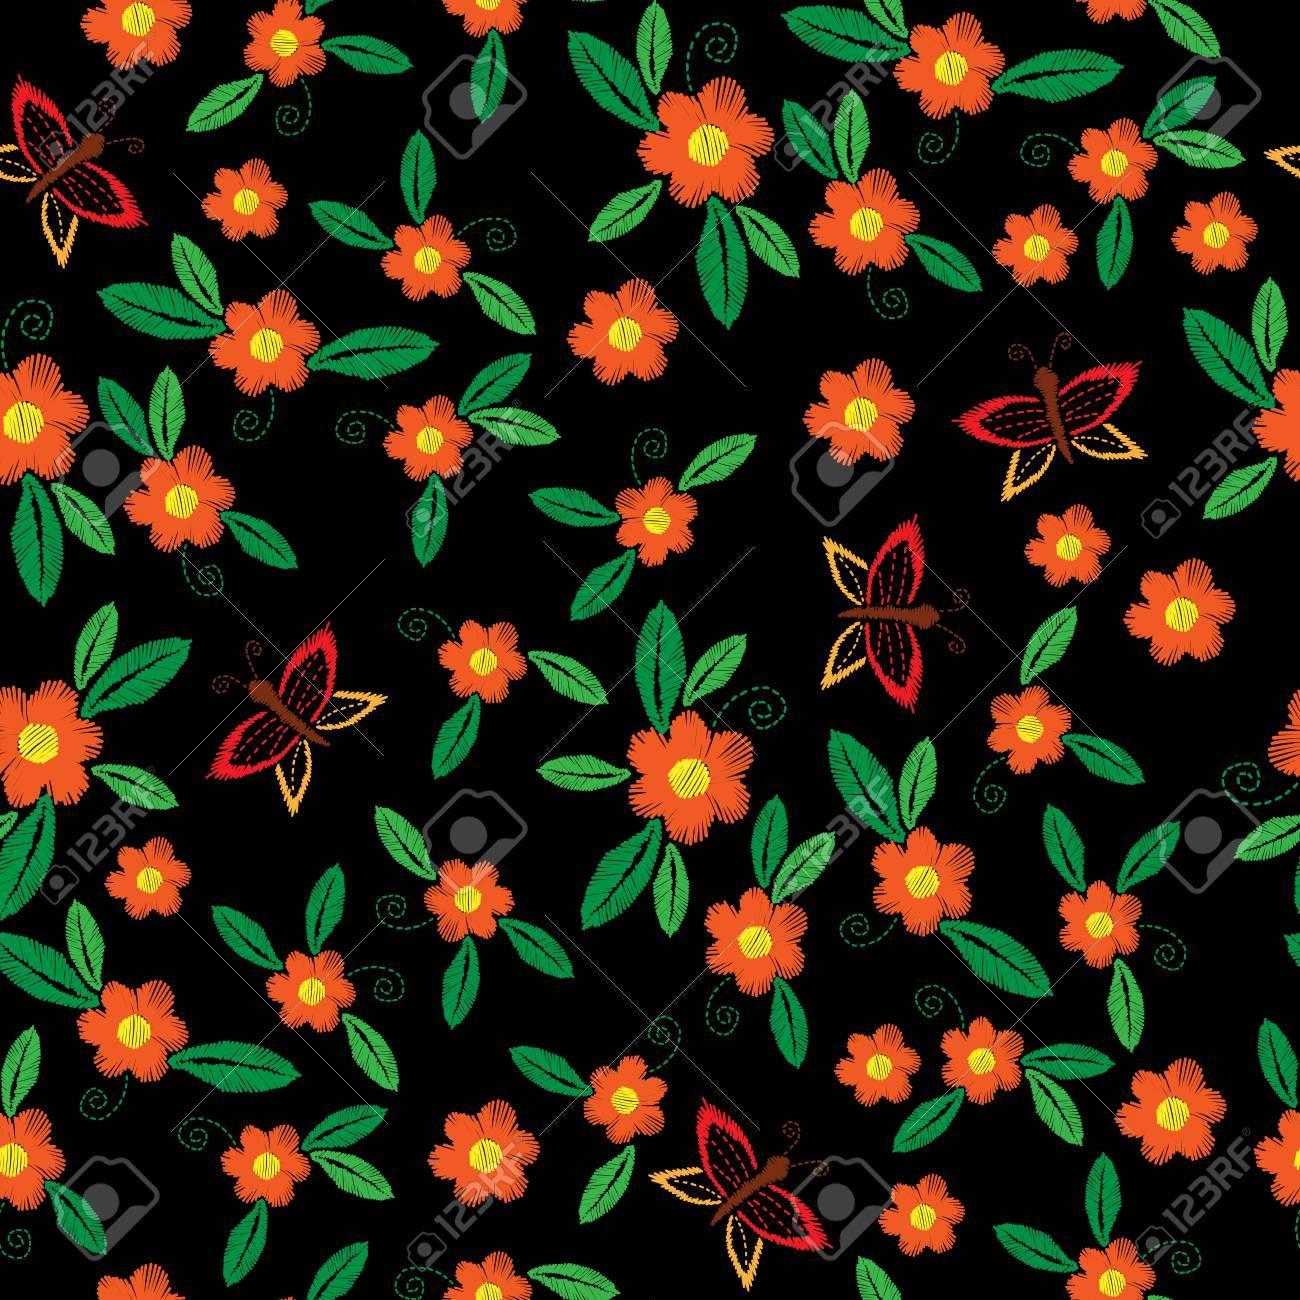 Patrón De Bordado Sin Fisuras Con Mariposa Y Flor De Naranja Con Hoja  Verde. Fondo De Flor De Vector De Bordado Para Imprimir En Tela 6c435842faff7